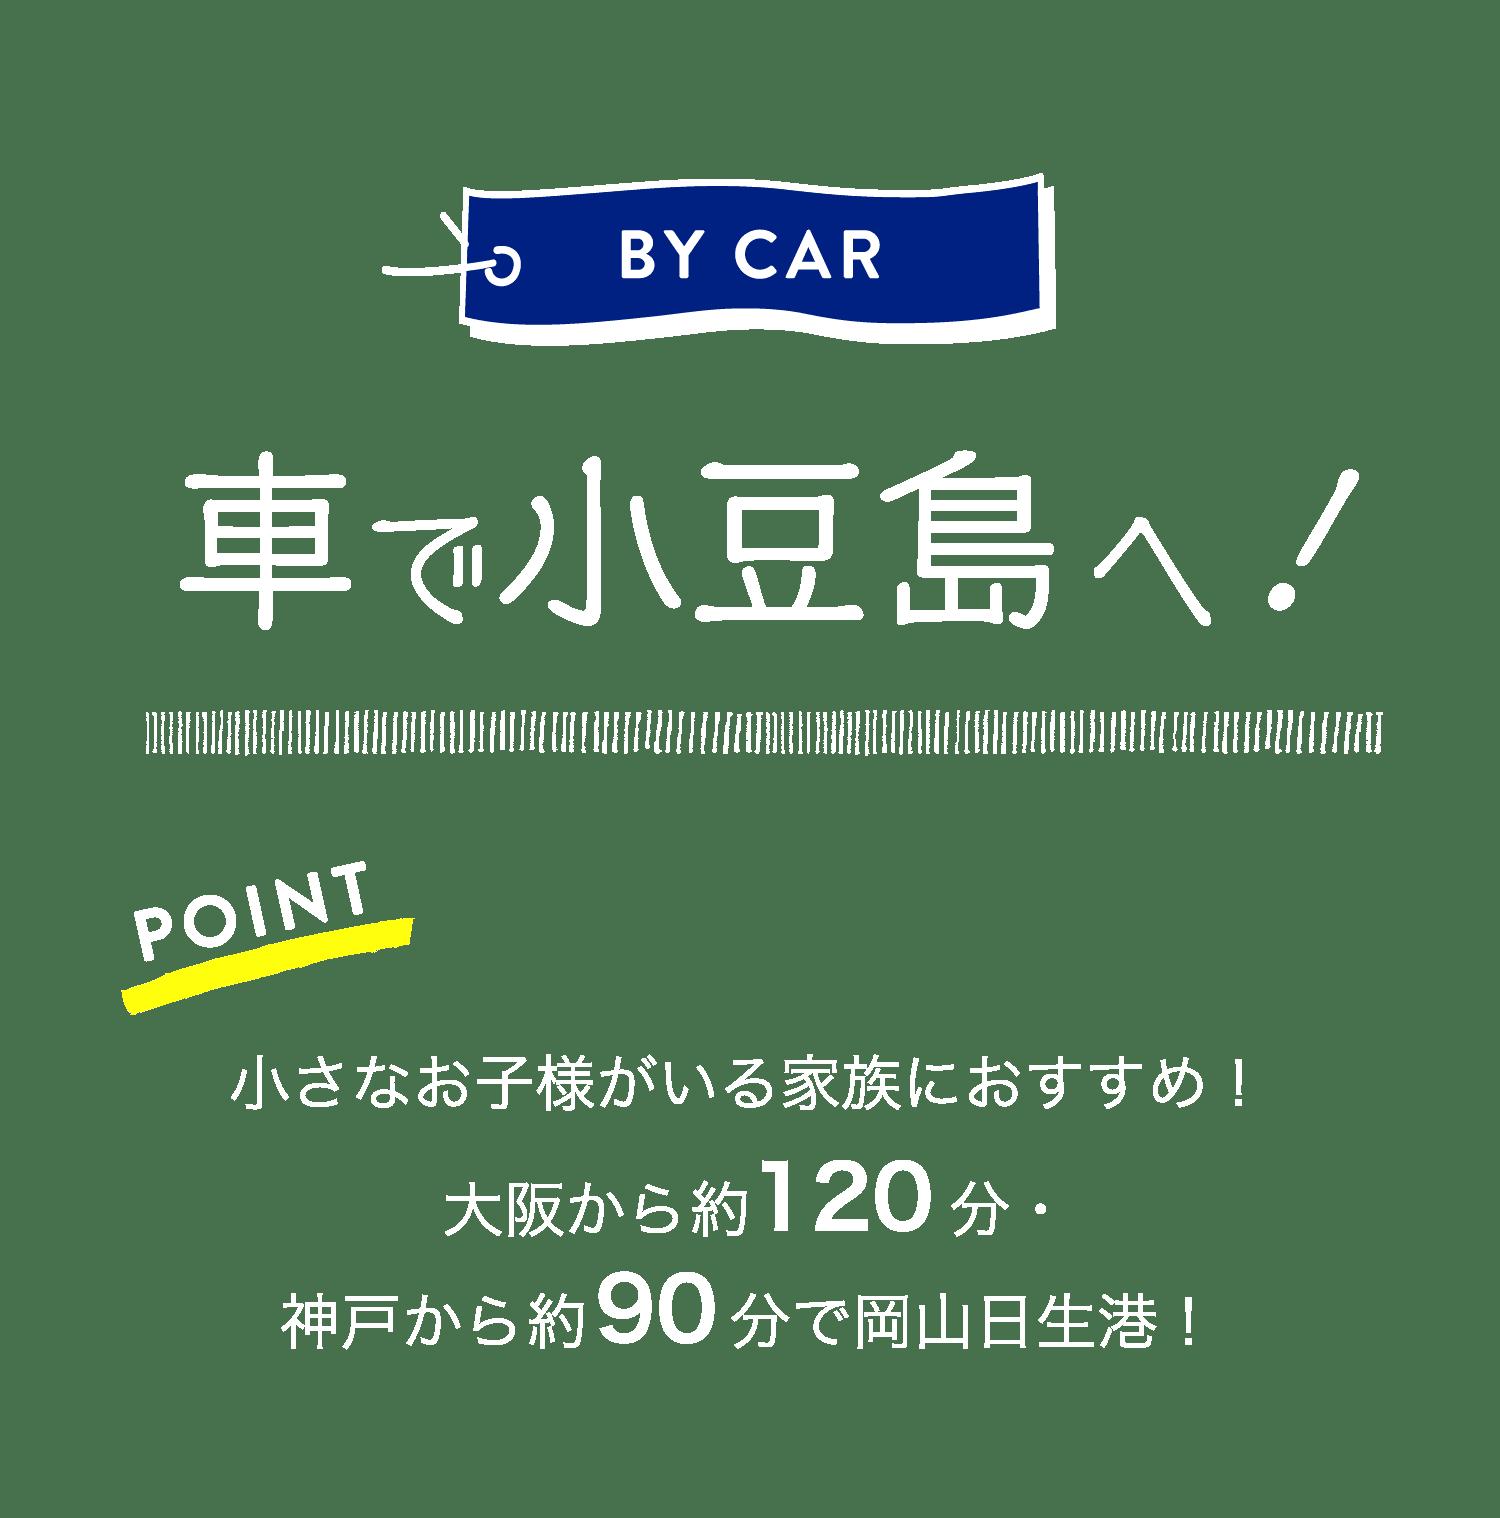 BY CAR車で小豆島へ!POINT|小さなお子様がいるご家族におすすめ!大阪から約120分・神戸から約90分で岡山日生港!